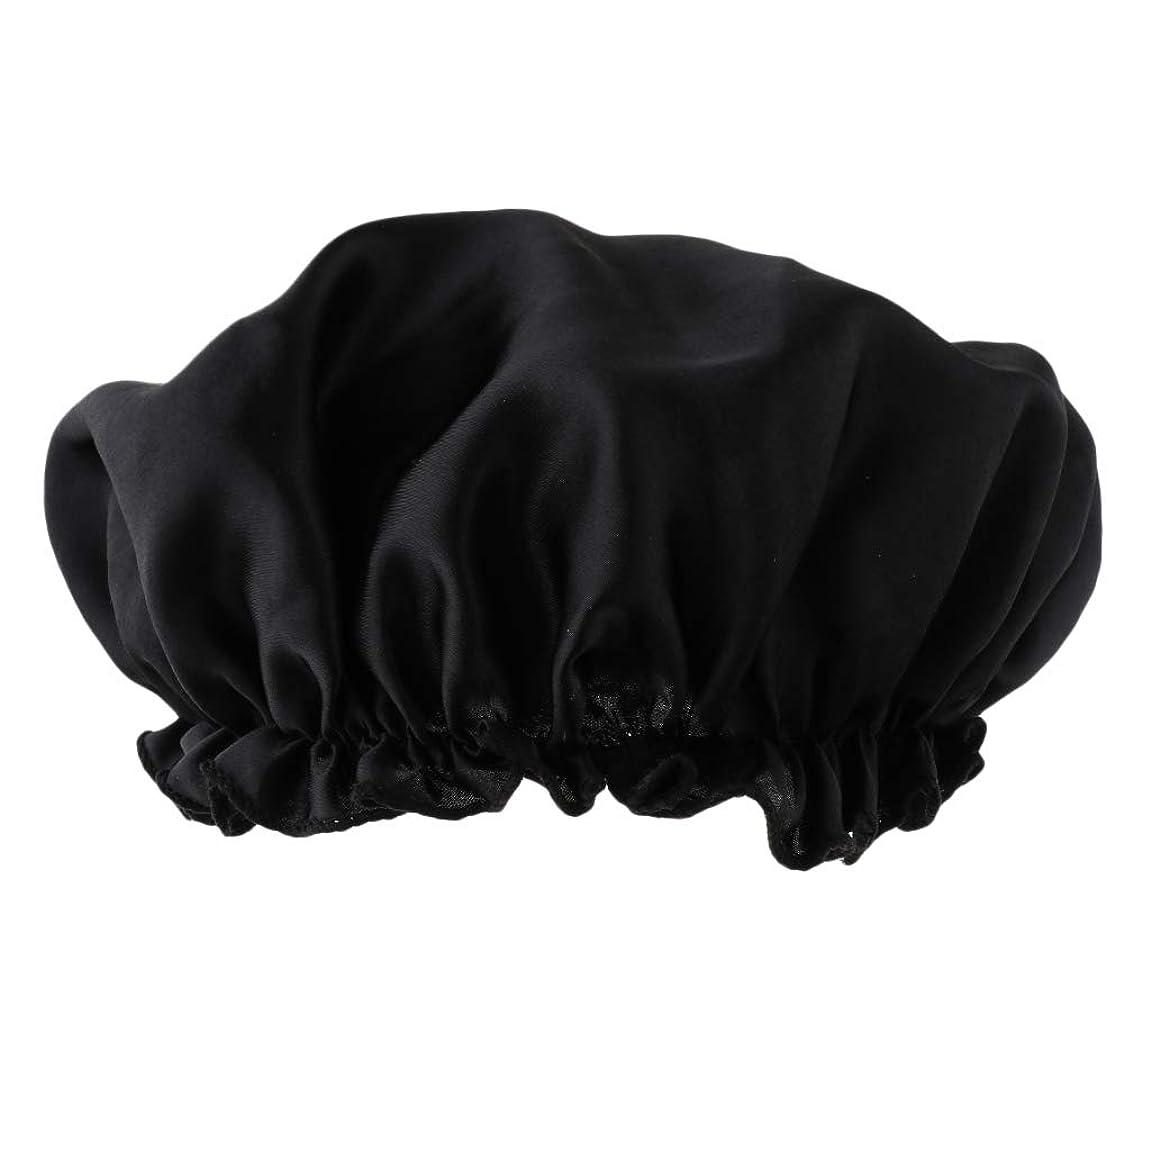 マトロン性能二年生Perfeclan シャワーキャップ シルクサテン ヘアーターバン 入浴キャップ 美容 キャップ 帽子 ヘッドカバー 全8色 - ブラック